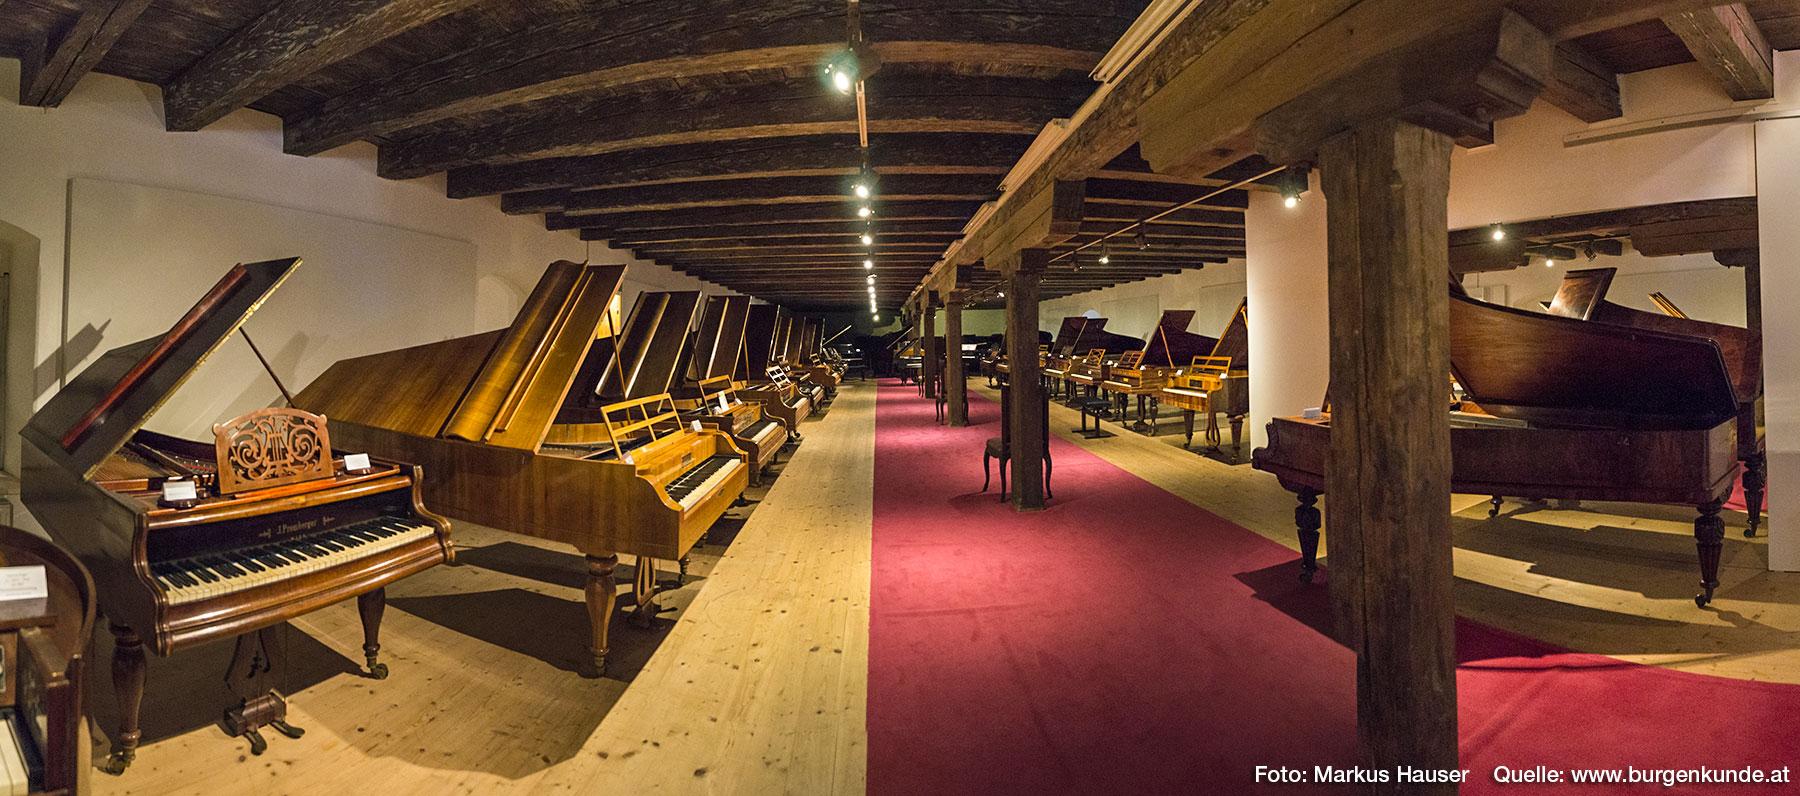 Die herausragende Sammlung an Klavieren ist besonders beeindruckend.